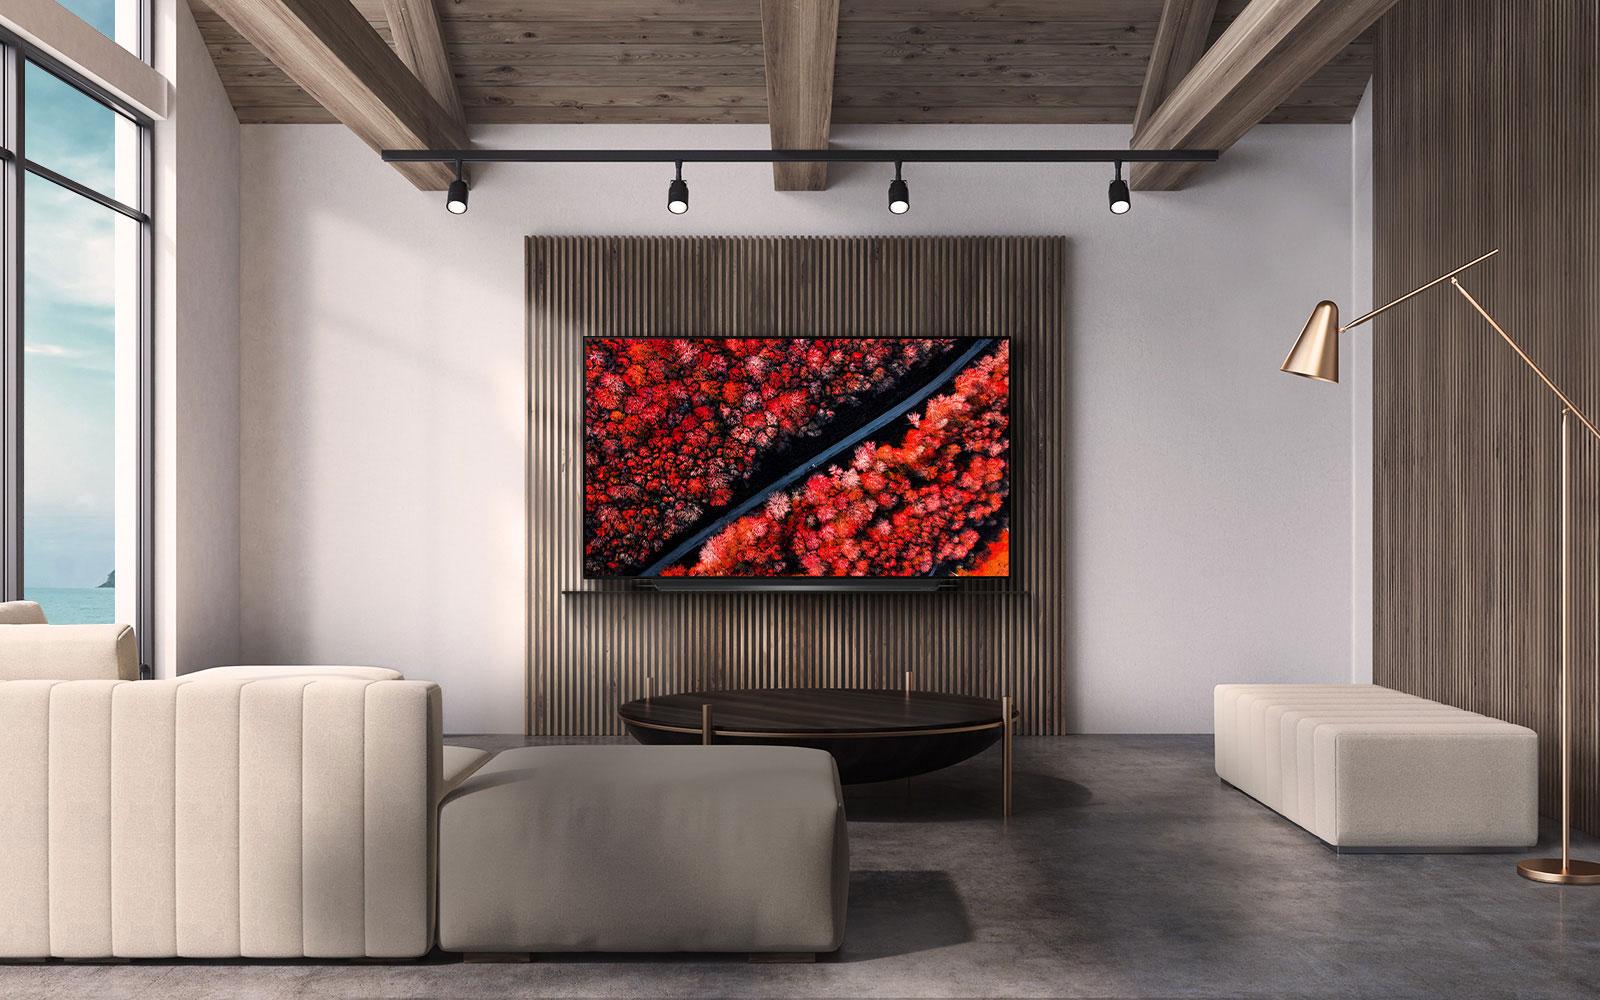 LG OLED telewizor